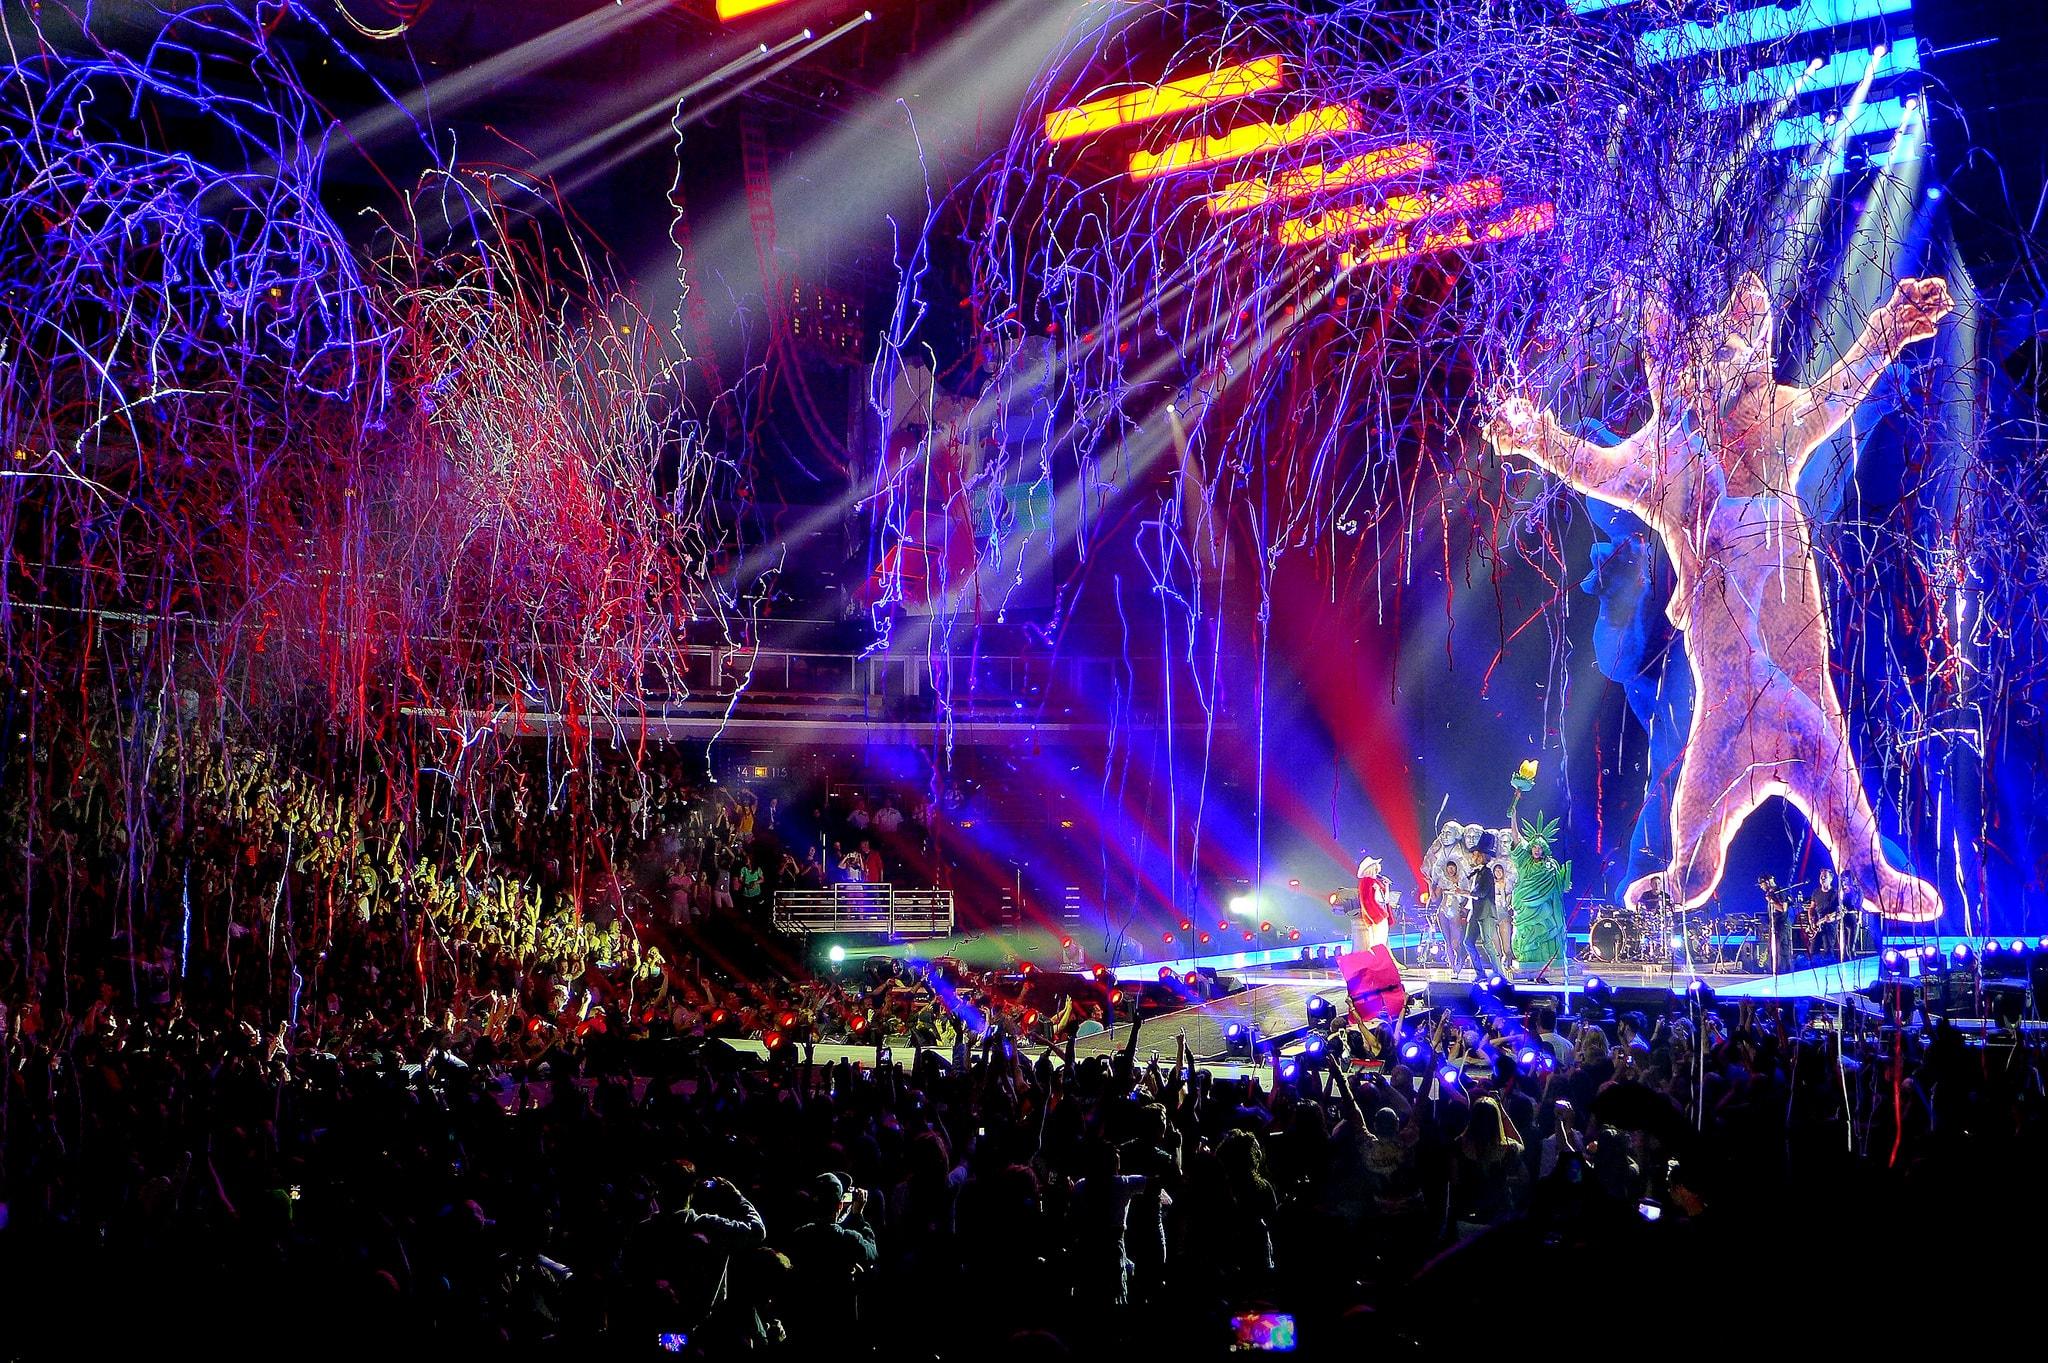 Miley Cyruse kontserdil on tunne nagu oleks väike tolmukübe keset mürtsuvat maiustustekauplust. Foto: Flickri kasutaja daina (CC by 2.0)